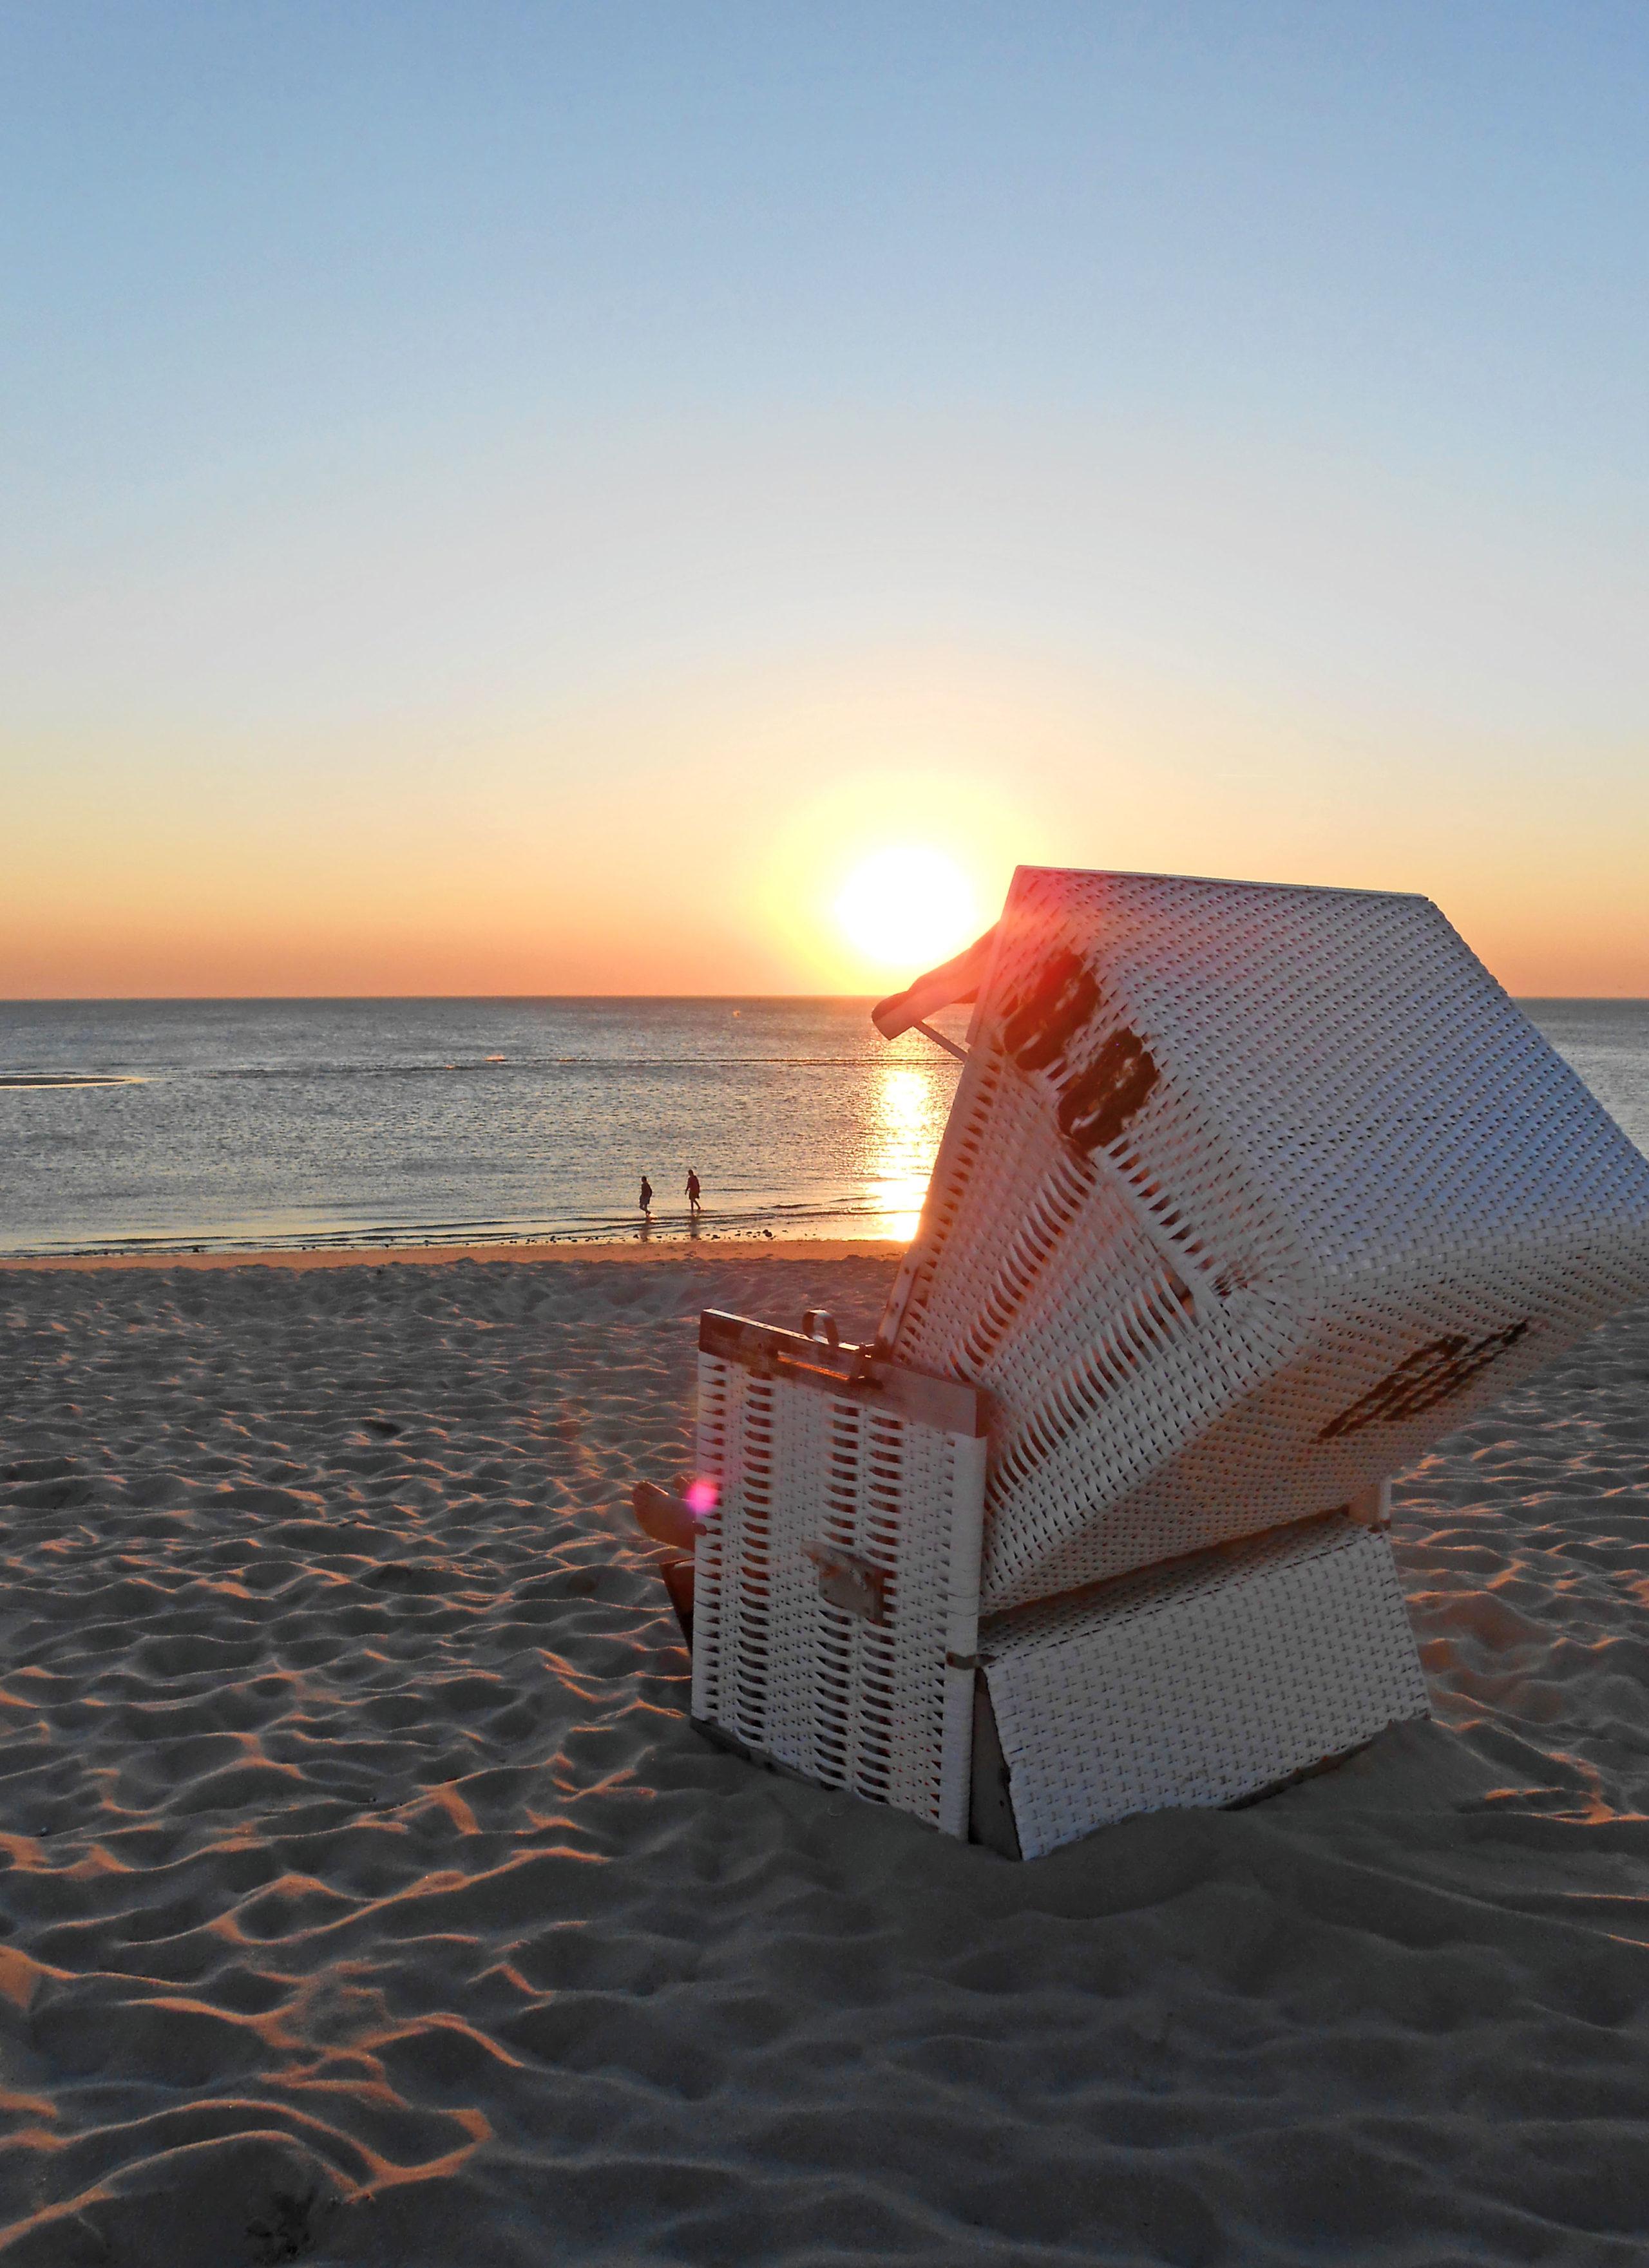 Der weiße Sandstrand, dazu ein romantischer Sonnenuntergang - für viele Verliebte ist dies der perfekte Ort, um sich ewige Liebe zu schwören.